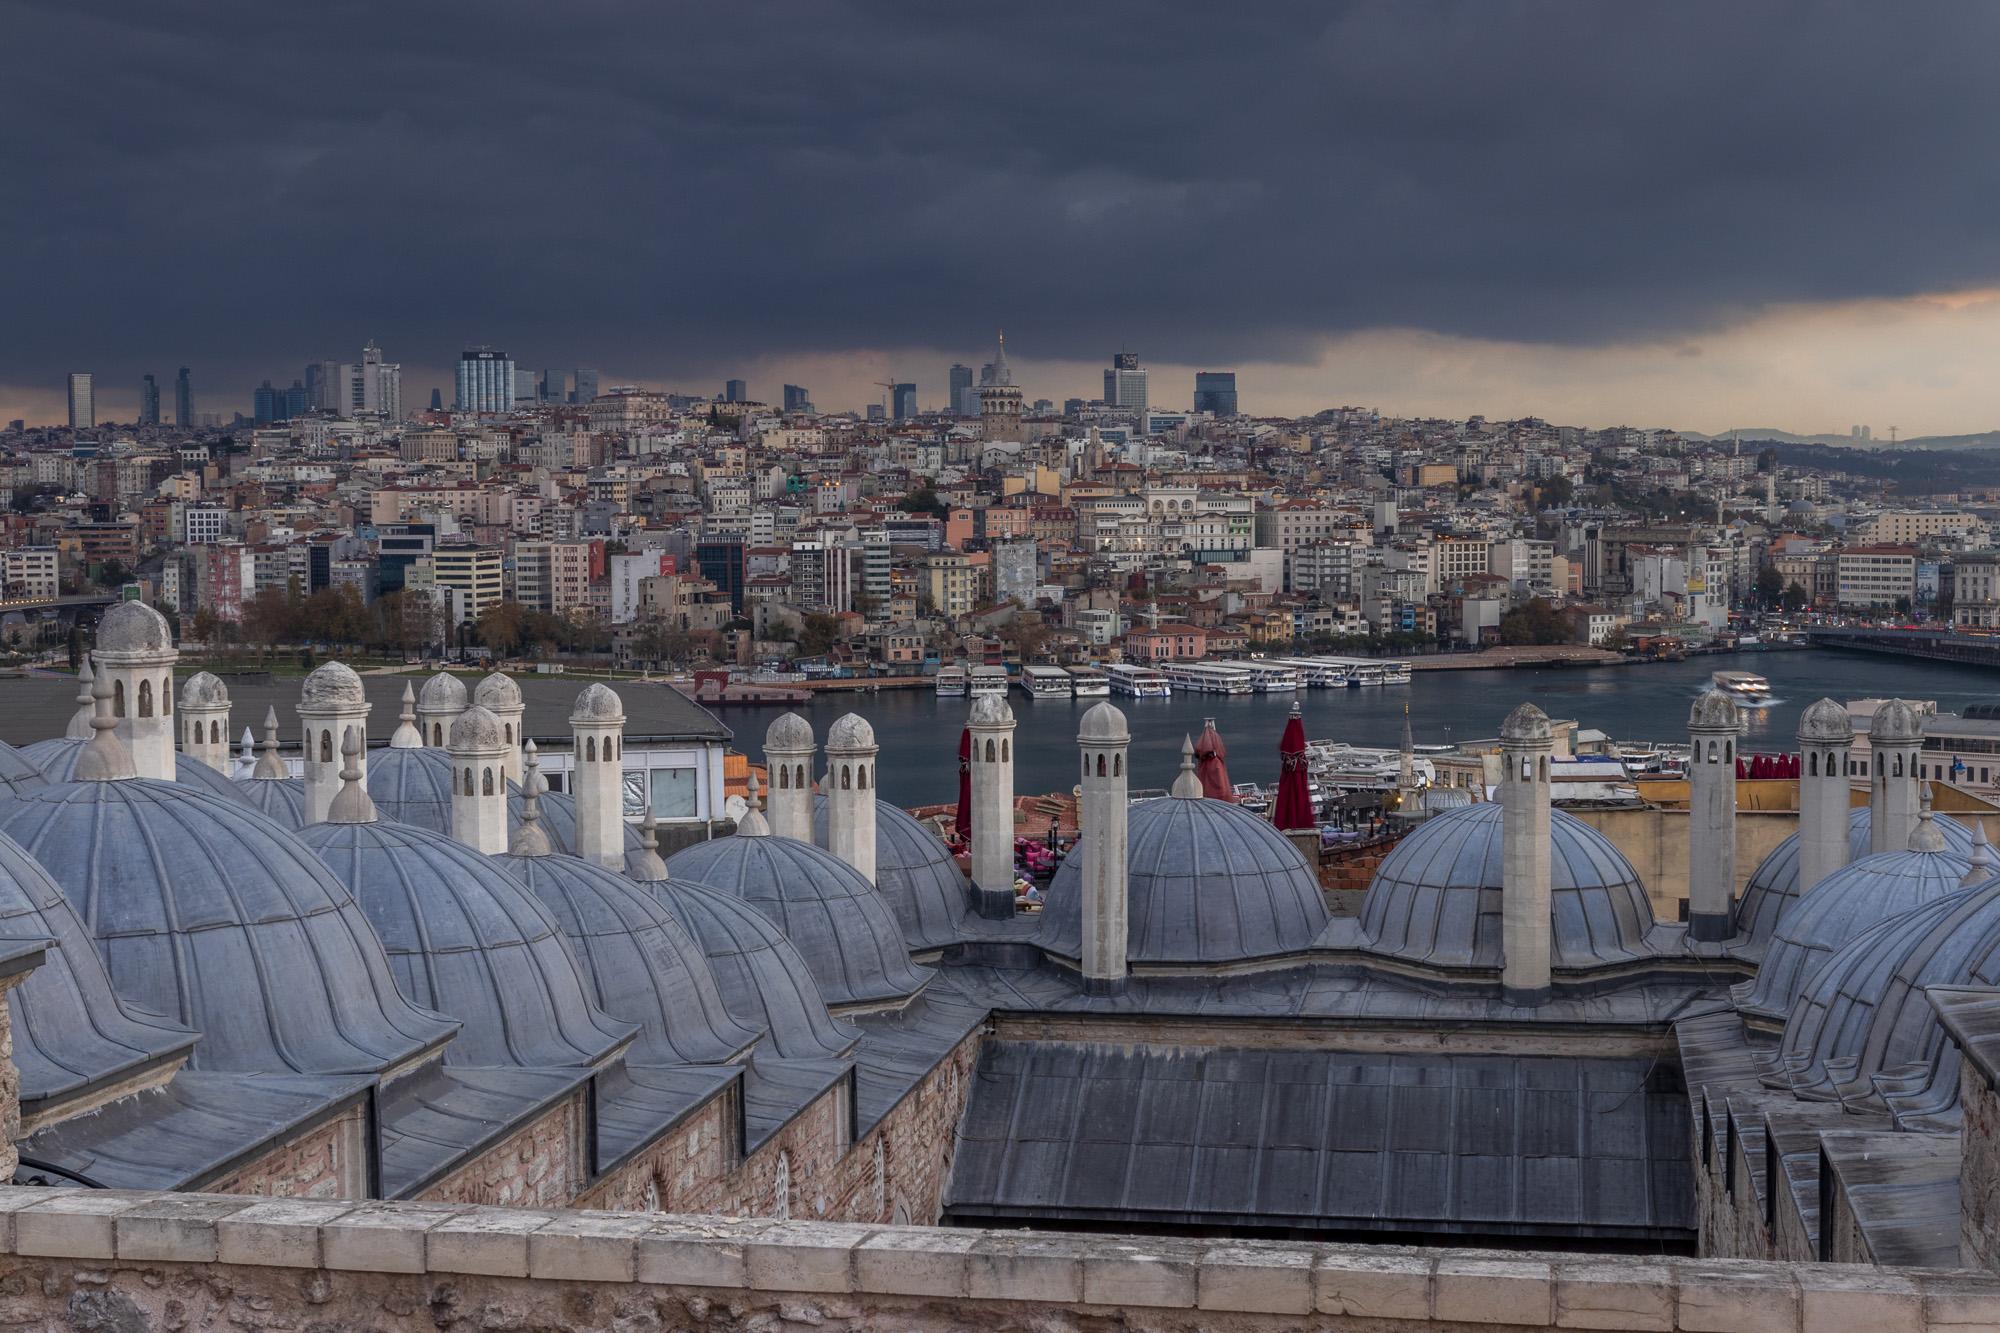 Quartier de Karaköy dans la ville d'İstanbul en Turquie